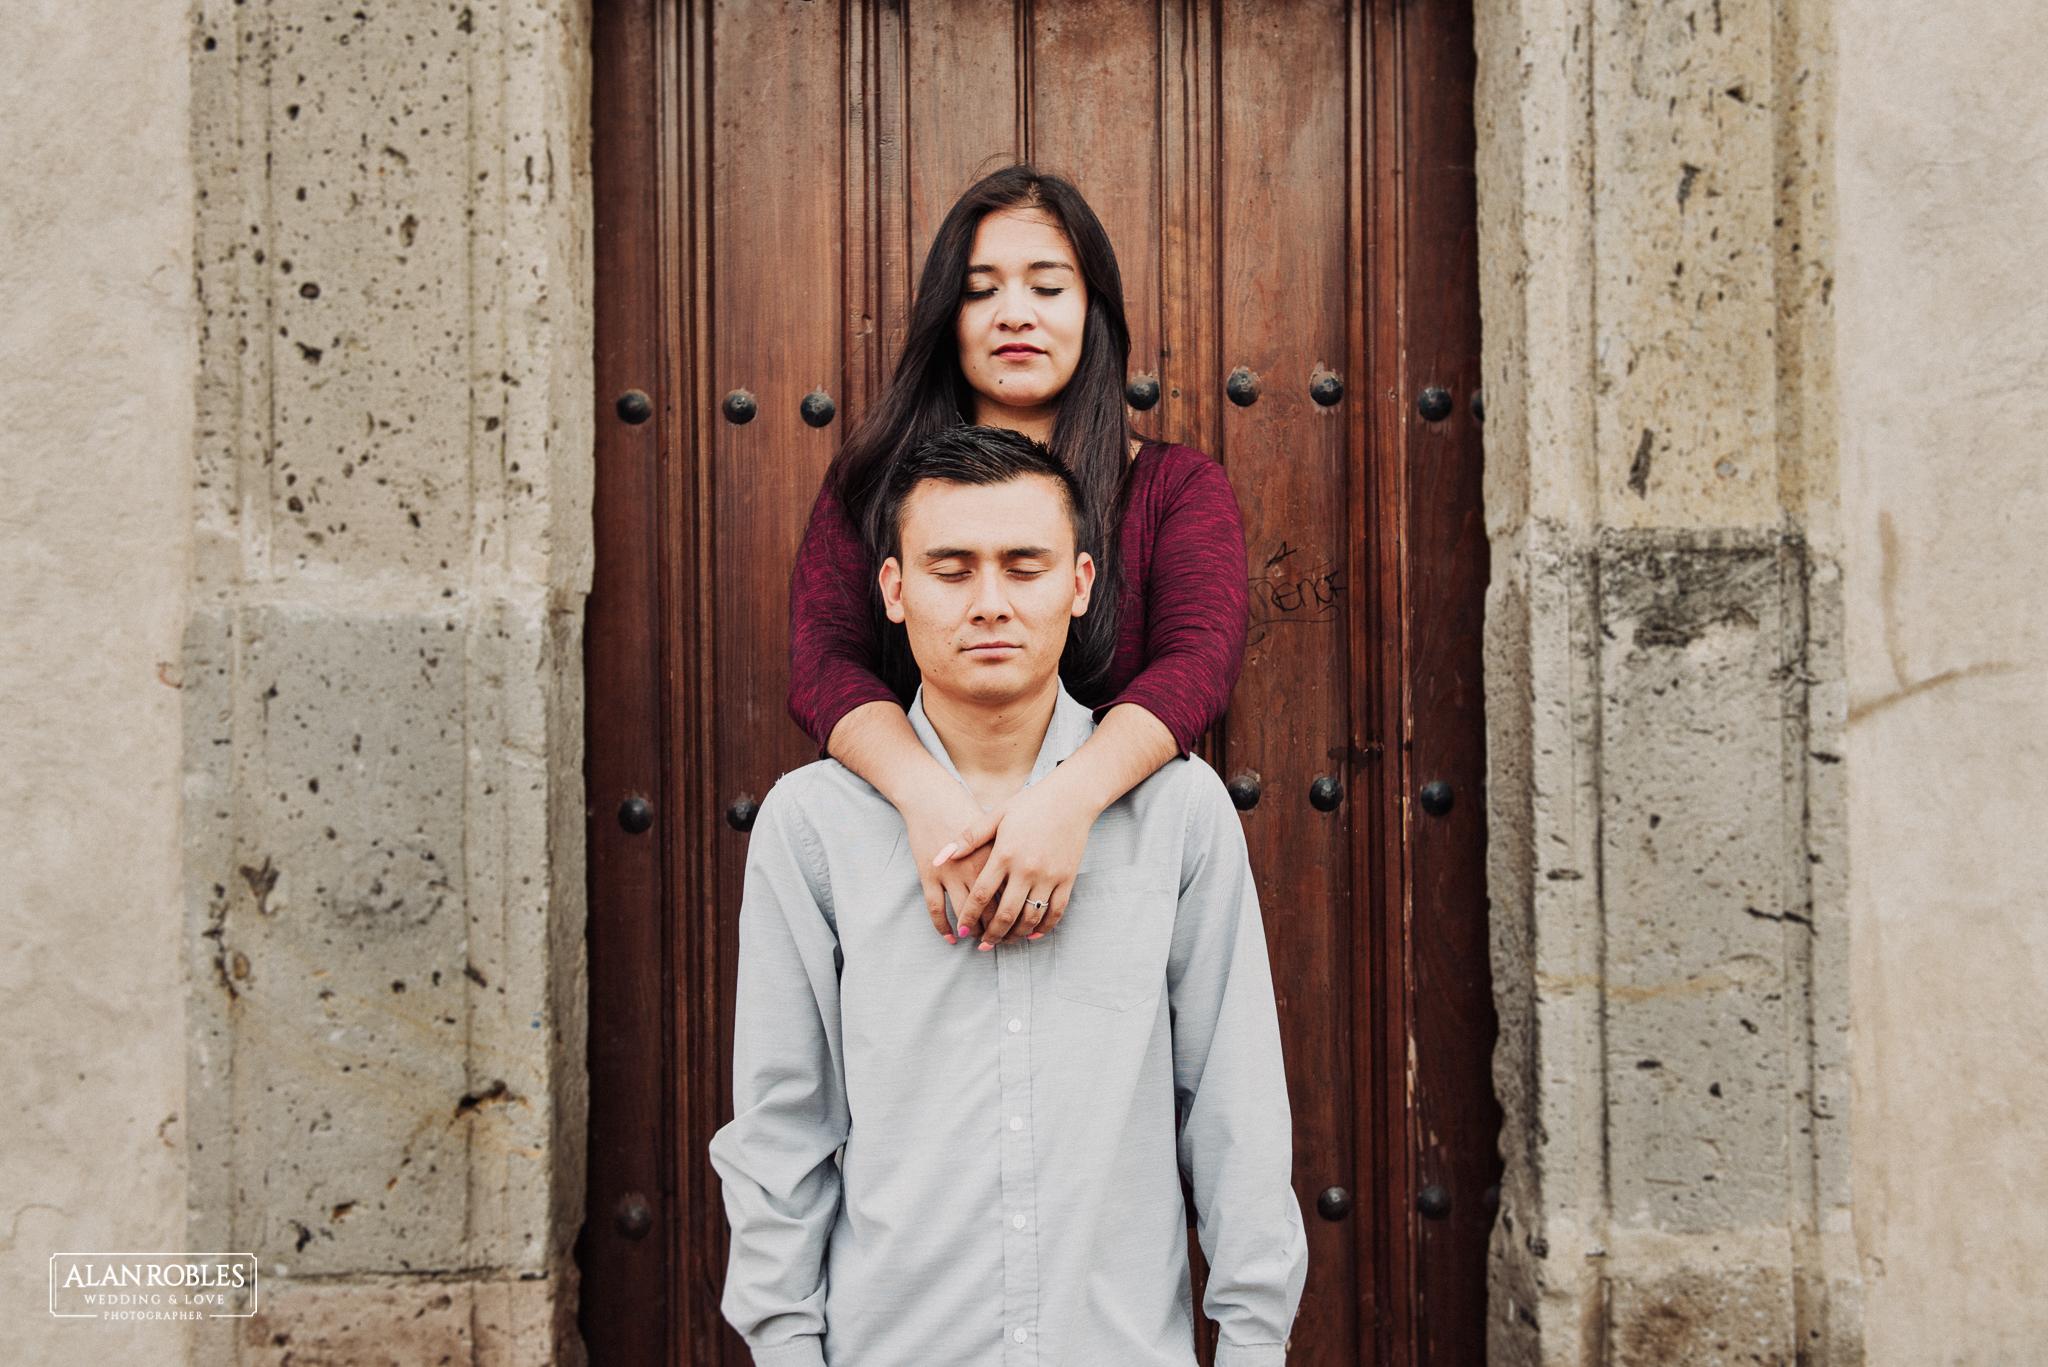 Sesion de fotos Preboda en Laguna de Cajititlan. Fotografia de bodas - Alan Robles Wedding & Love Photographer, Fotografo de bodas en Guadalajara. Anillo de compromiso.